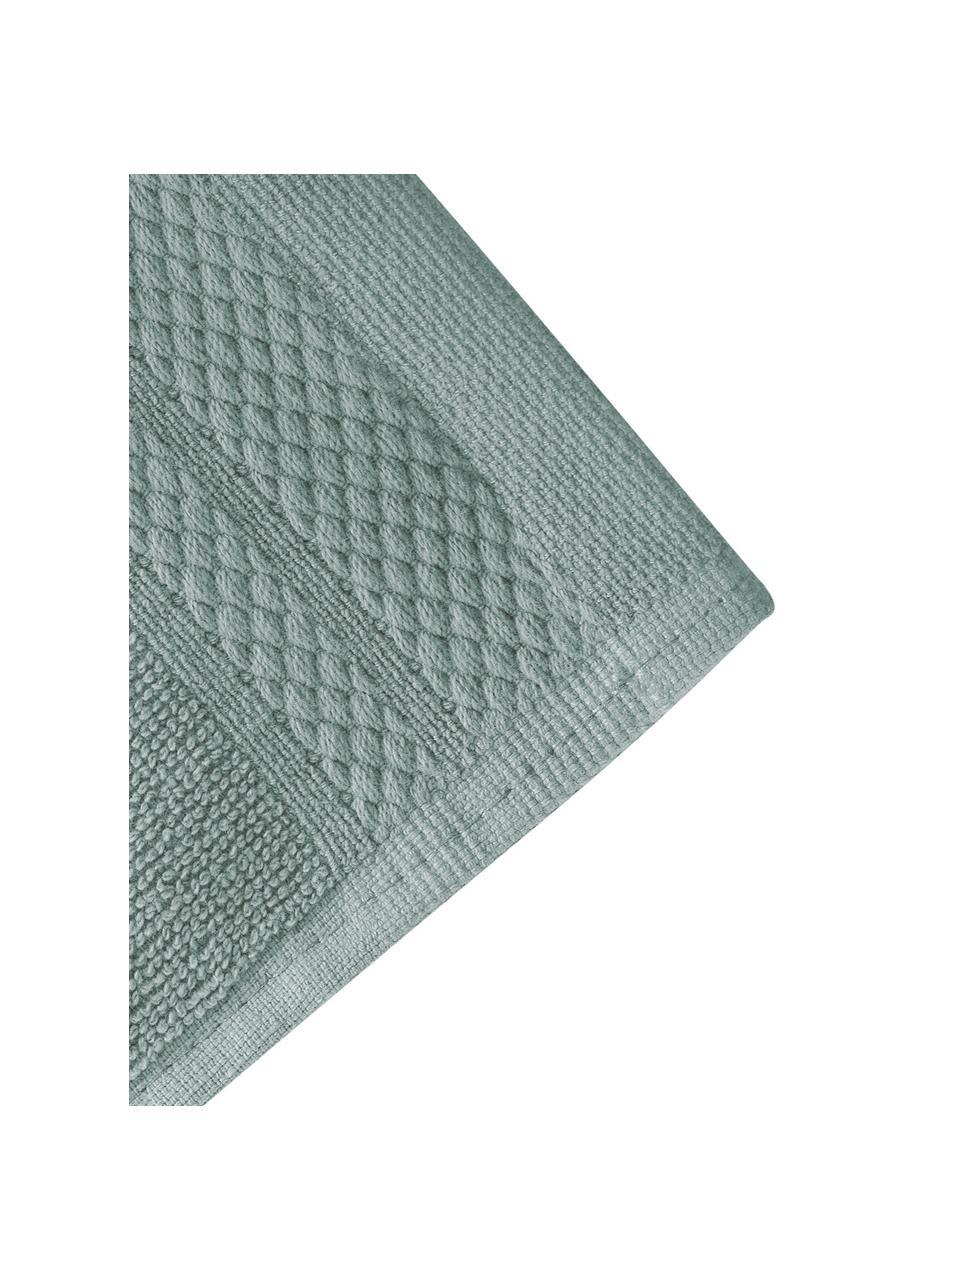 Ręcznik Premium, różne rozmiary, Szałwiowy zielony, Ręcznik dla gości XS